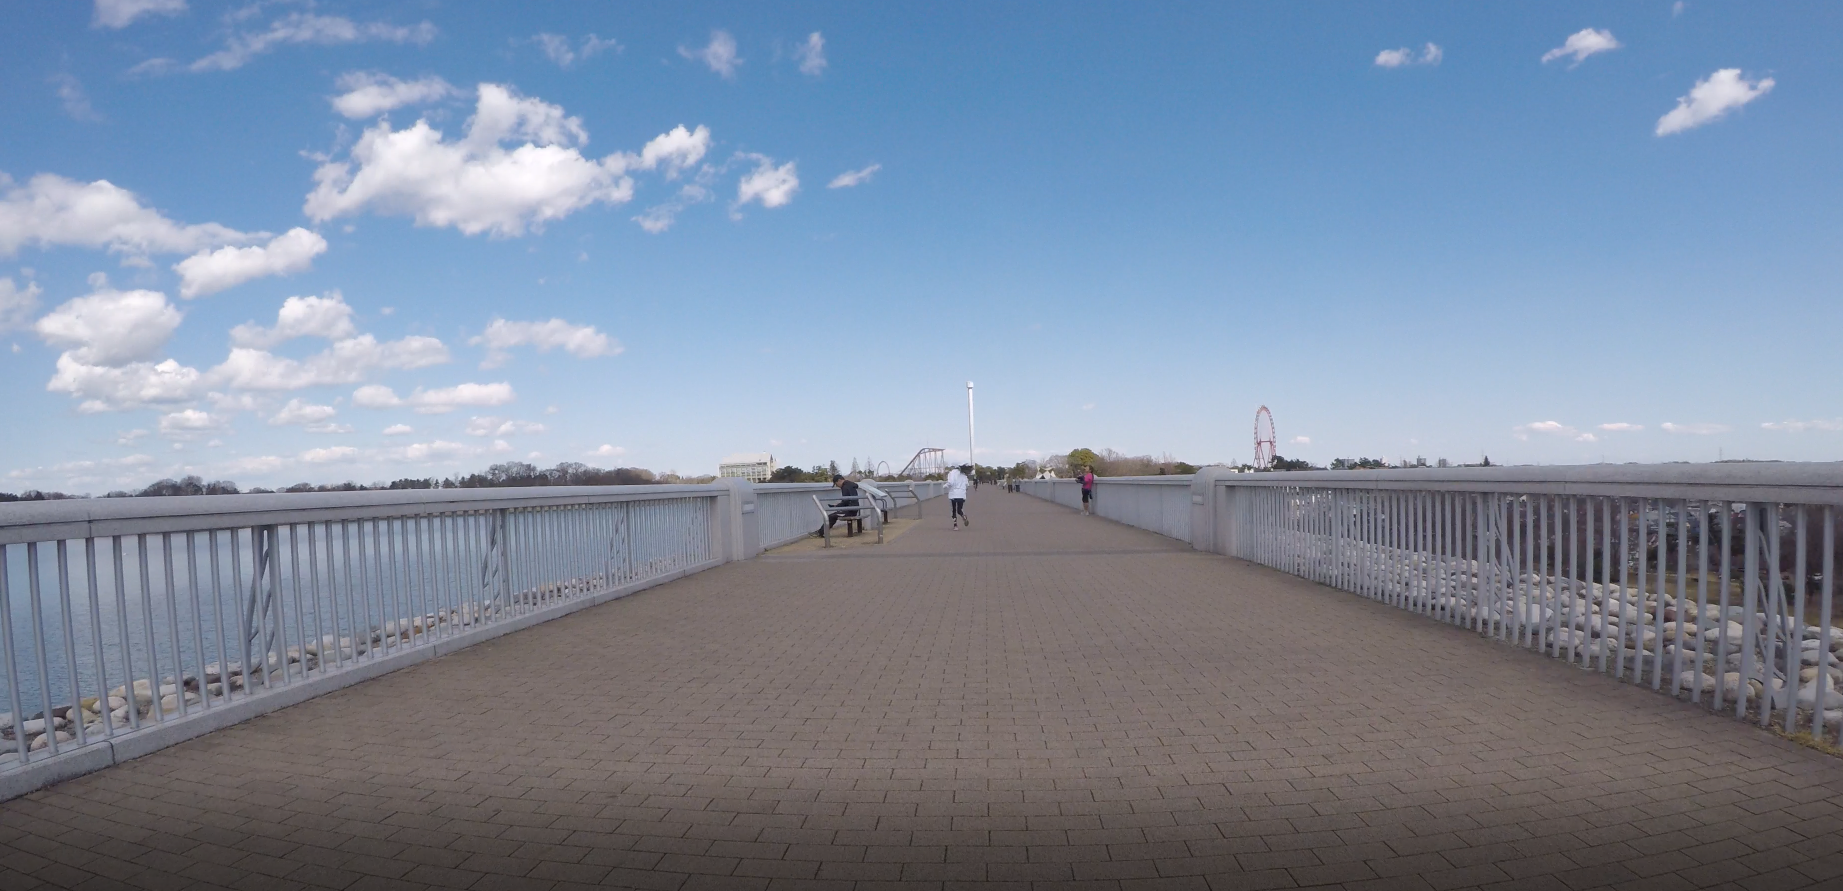 【狭山市】多摩湖1周ランニングコースはサイクリングにも最適!